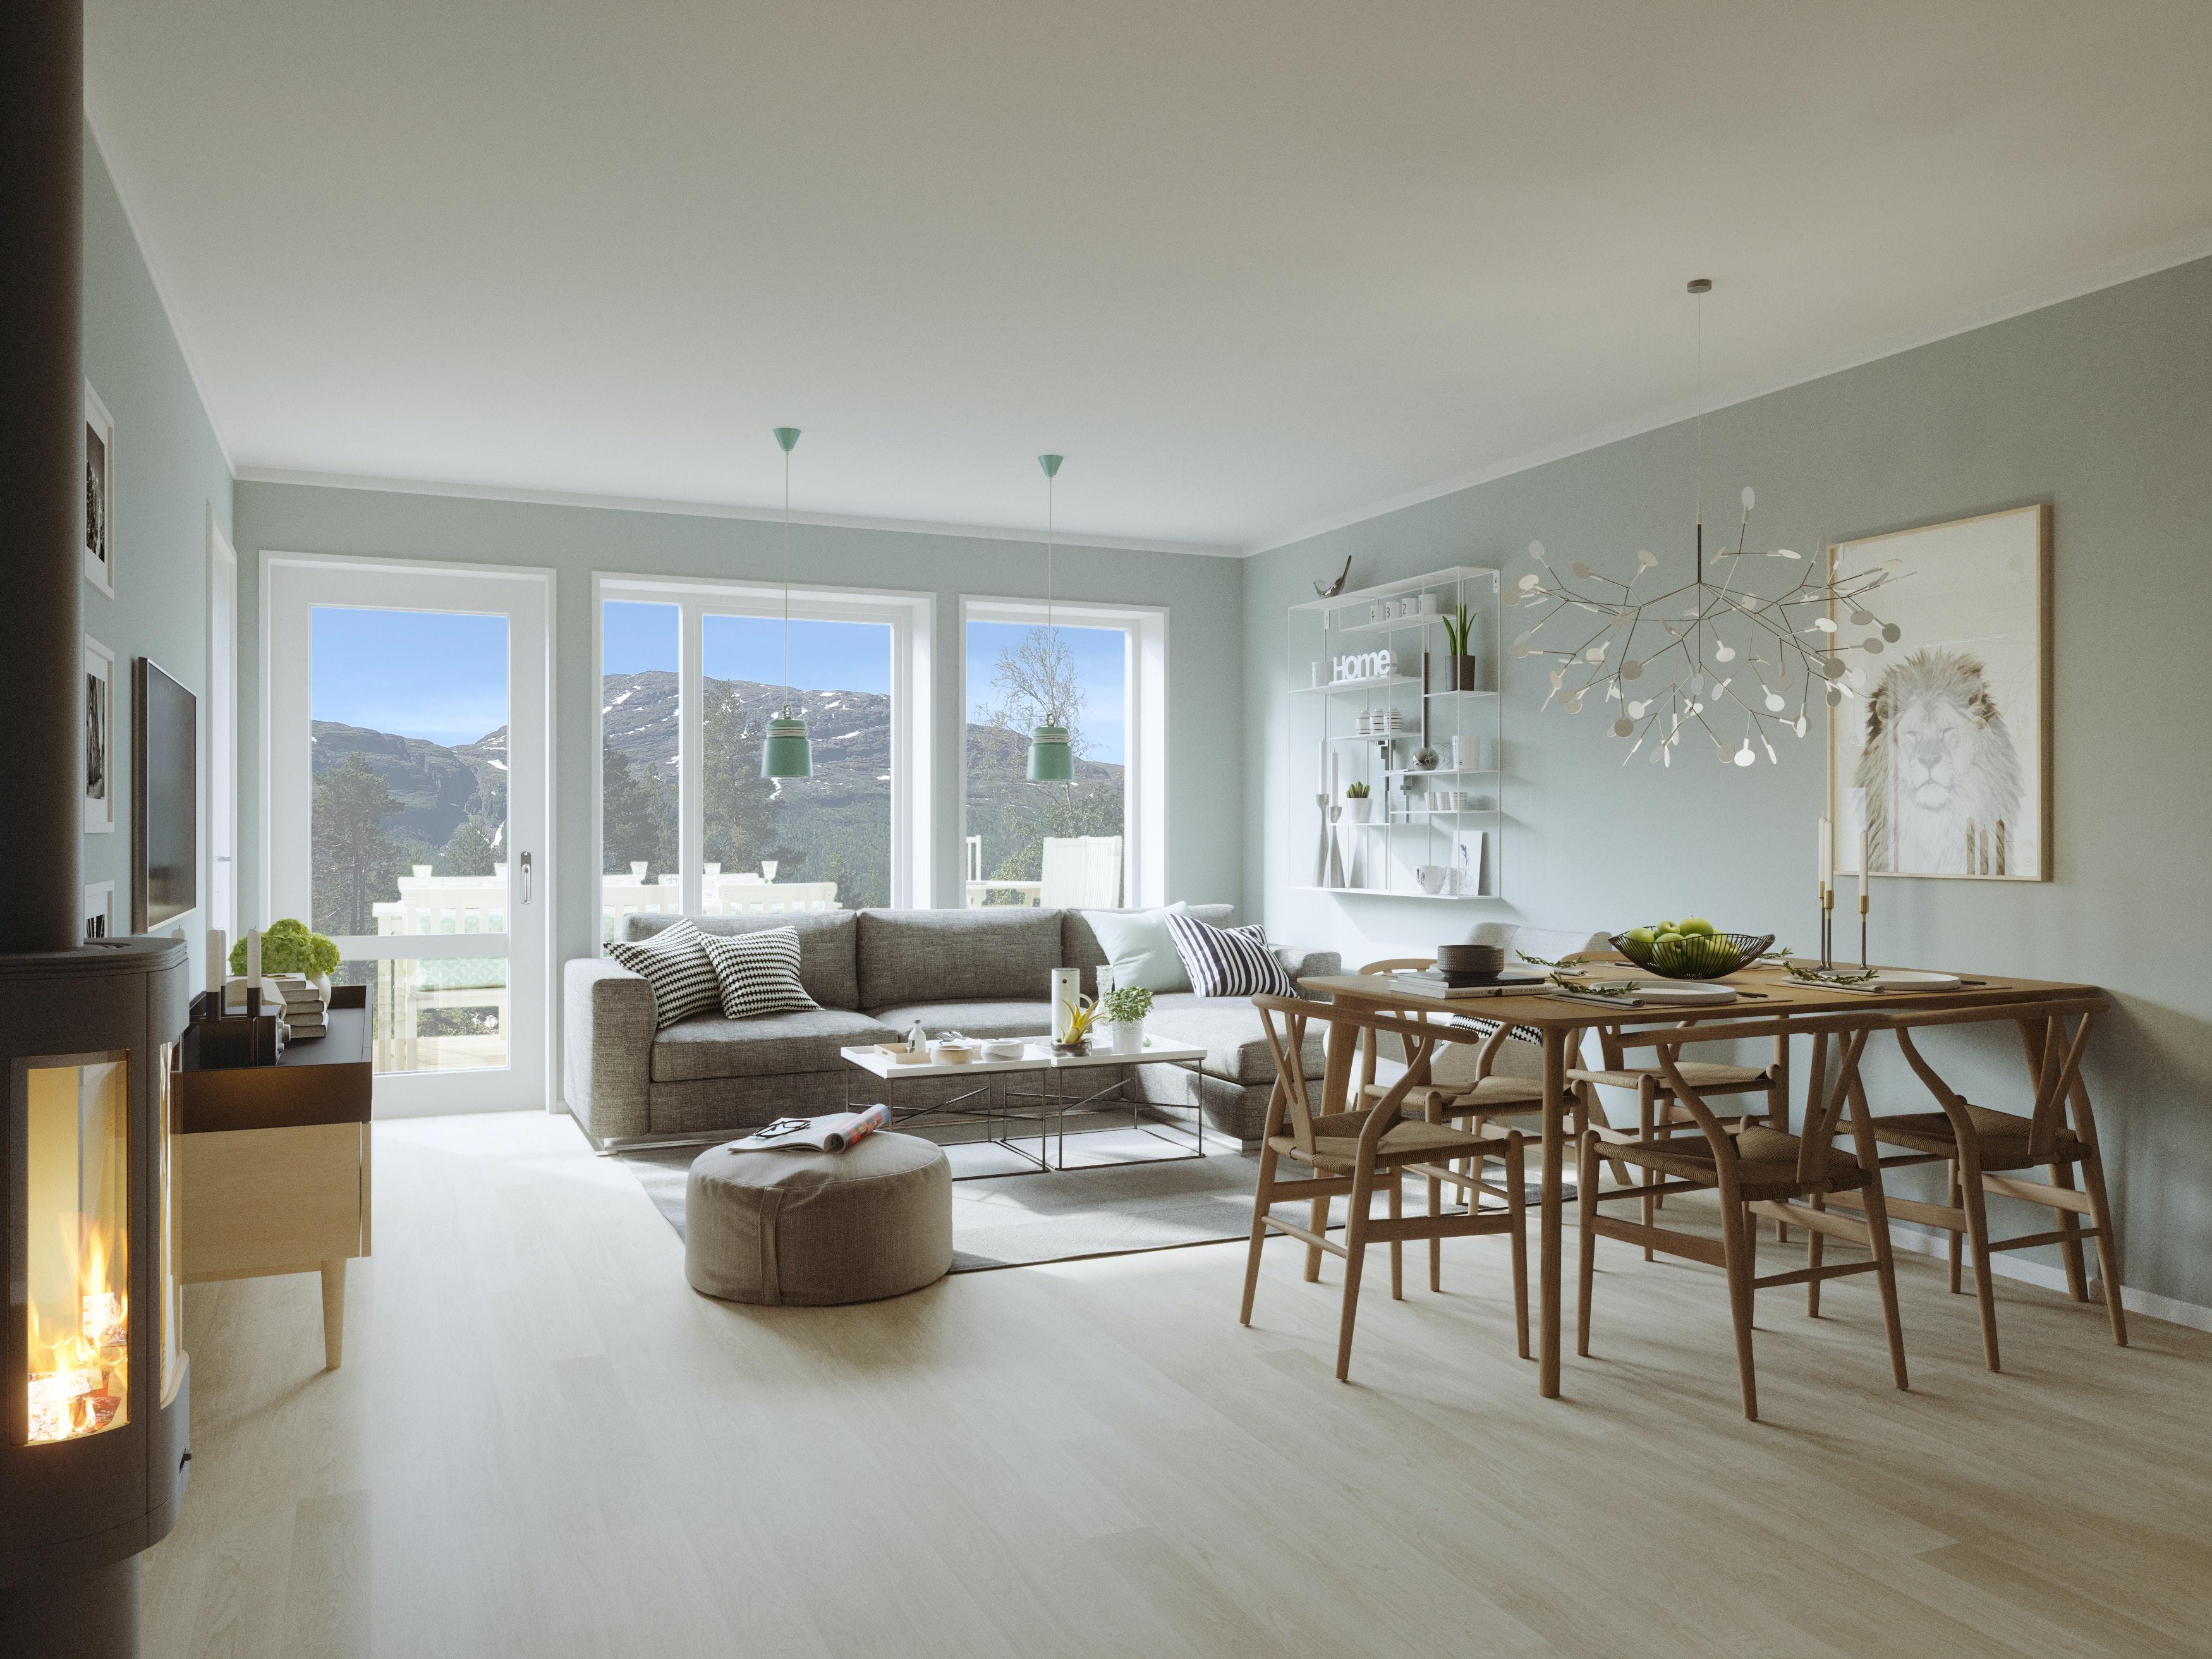 Kun 1 leilighet ledig!  Moderne leiligheter med fantastisk utsikt på Svøo. Mulighet for innflytting i juni.